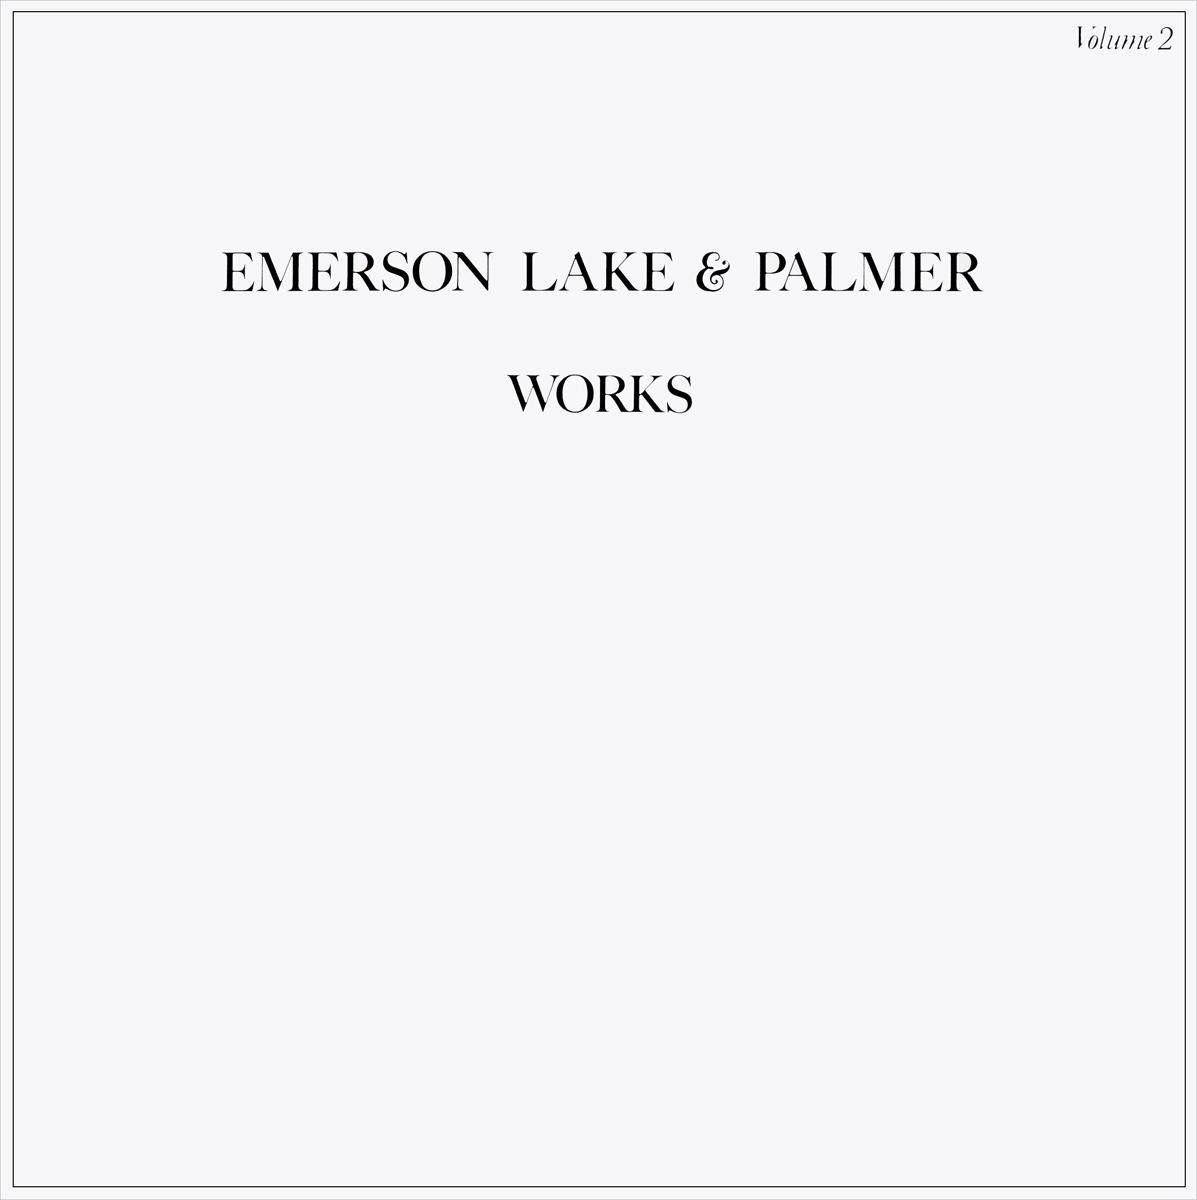 Emerson, Lake & Palmer Palmer. Works Volume 2 (2 LP)